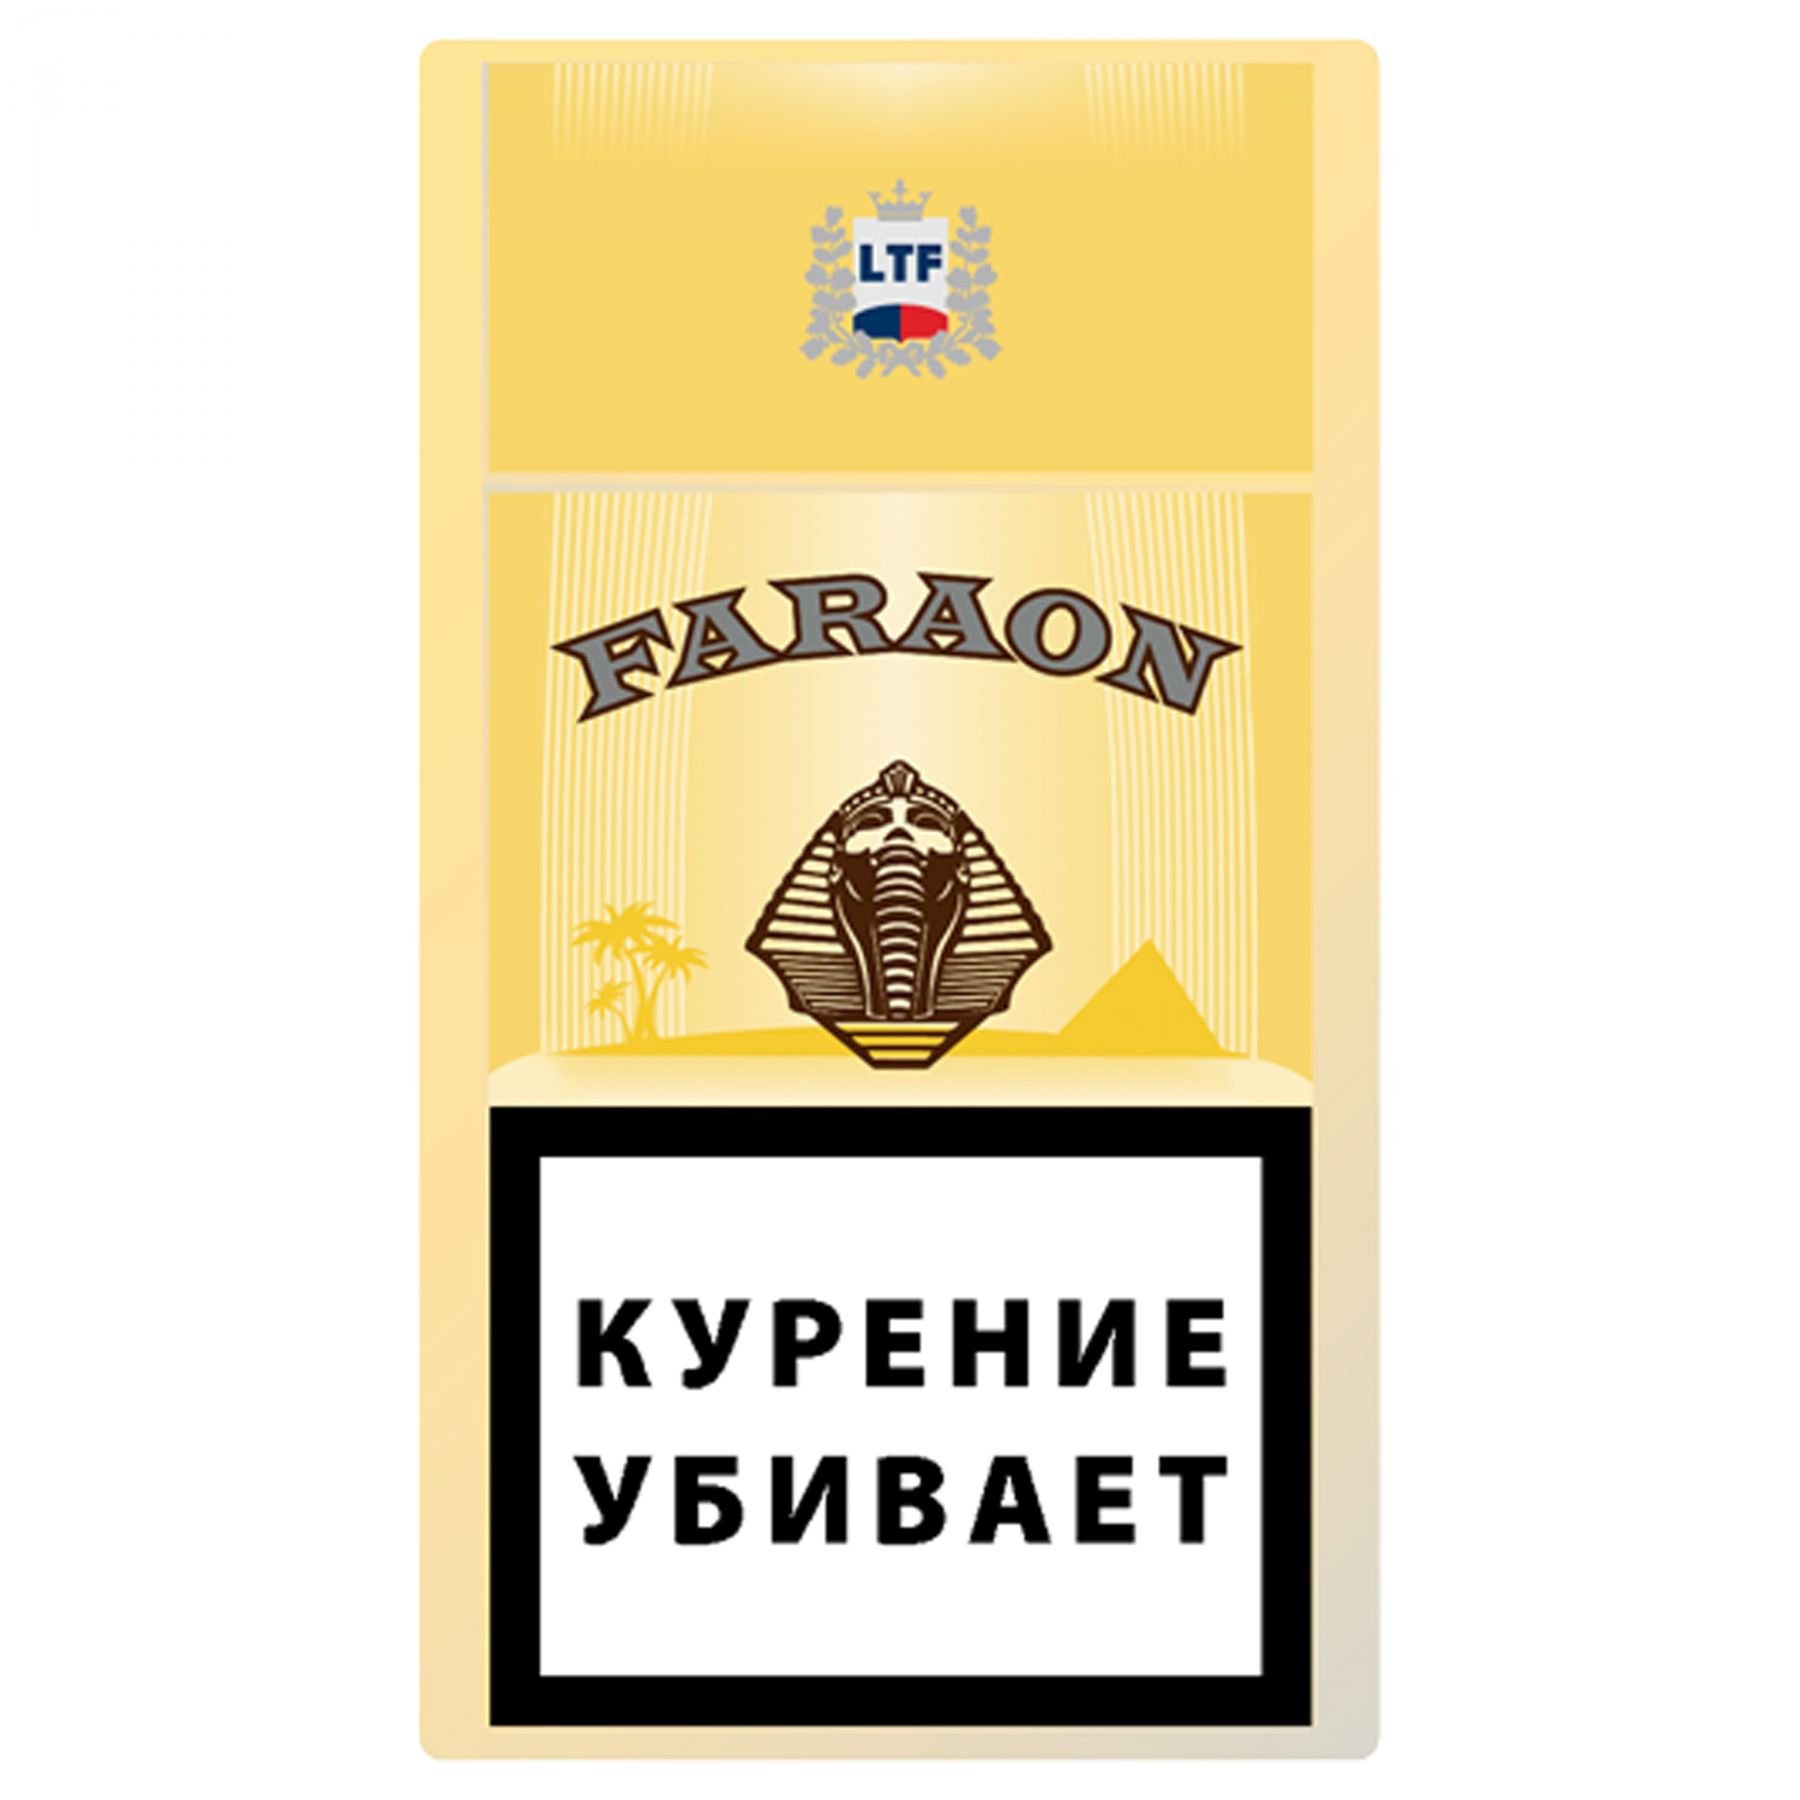 Сигареты pharaon купить электронная сигарета заказать в россии